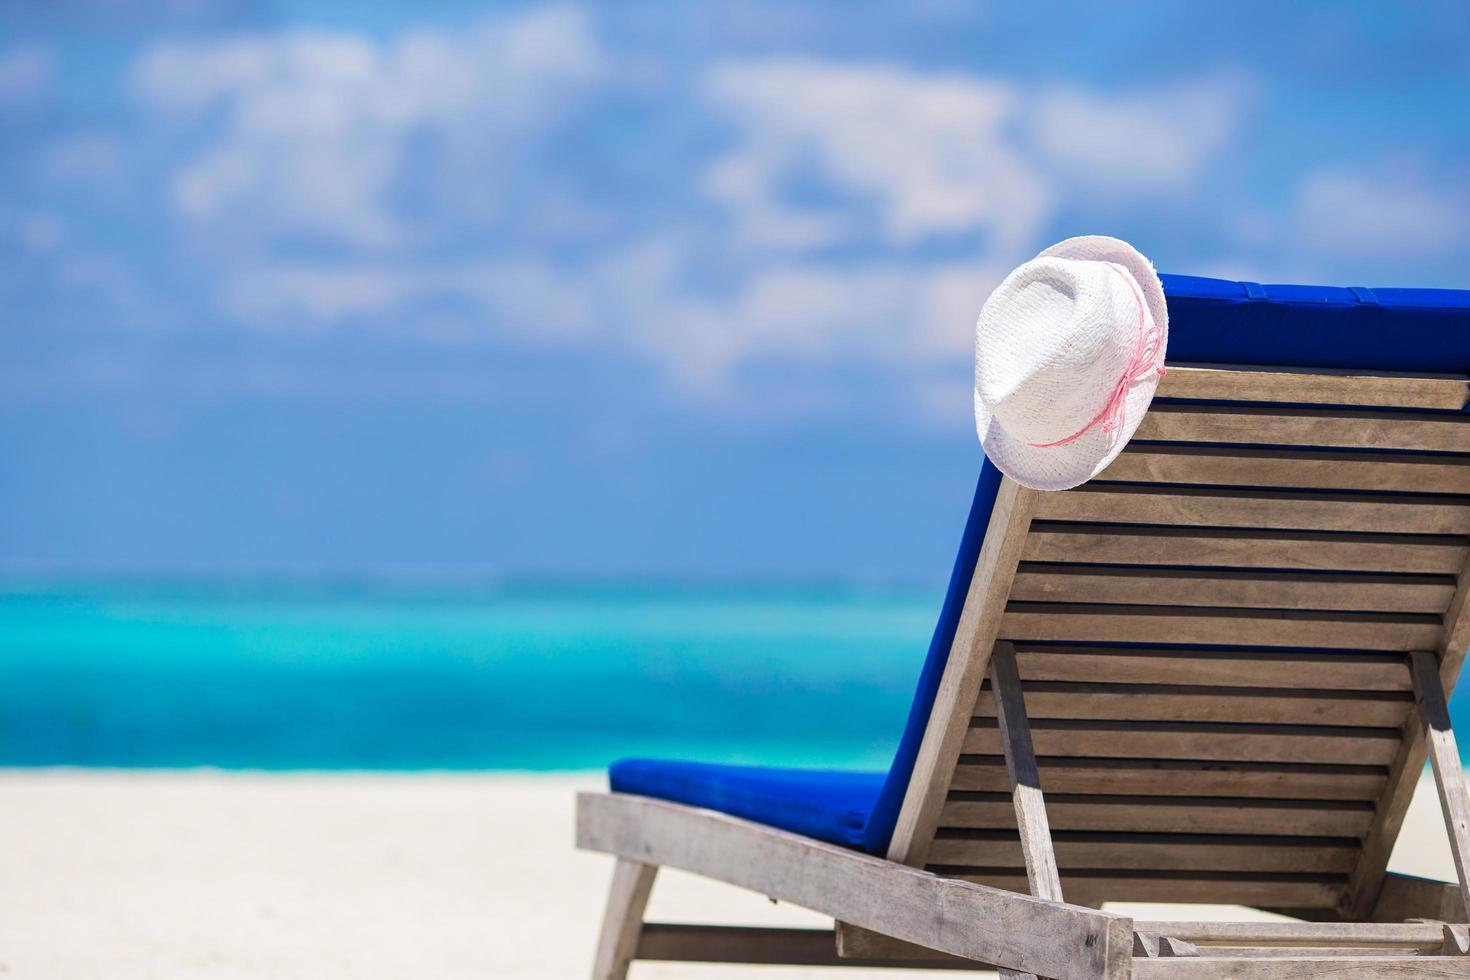 primer plano, de, un, sillón, y, sombrero blanco, en, un, playa foto